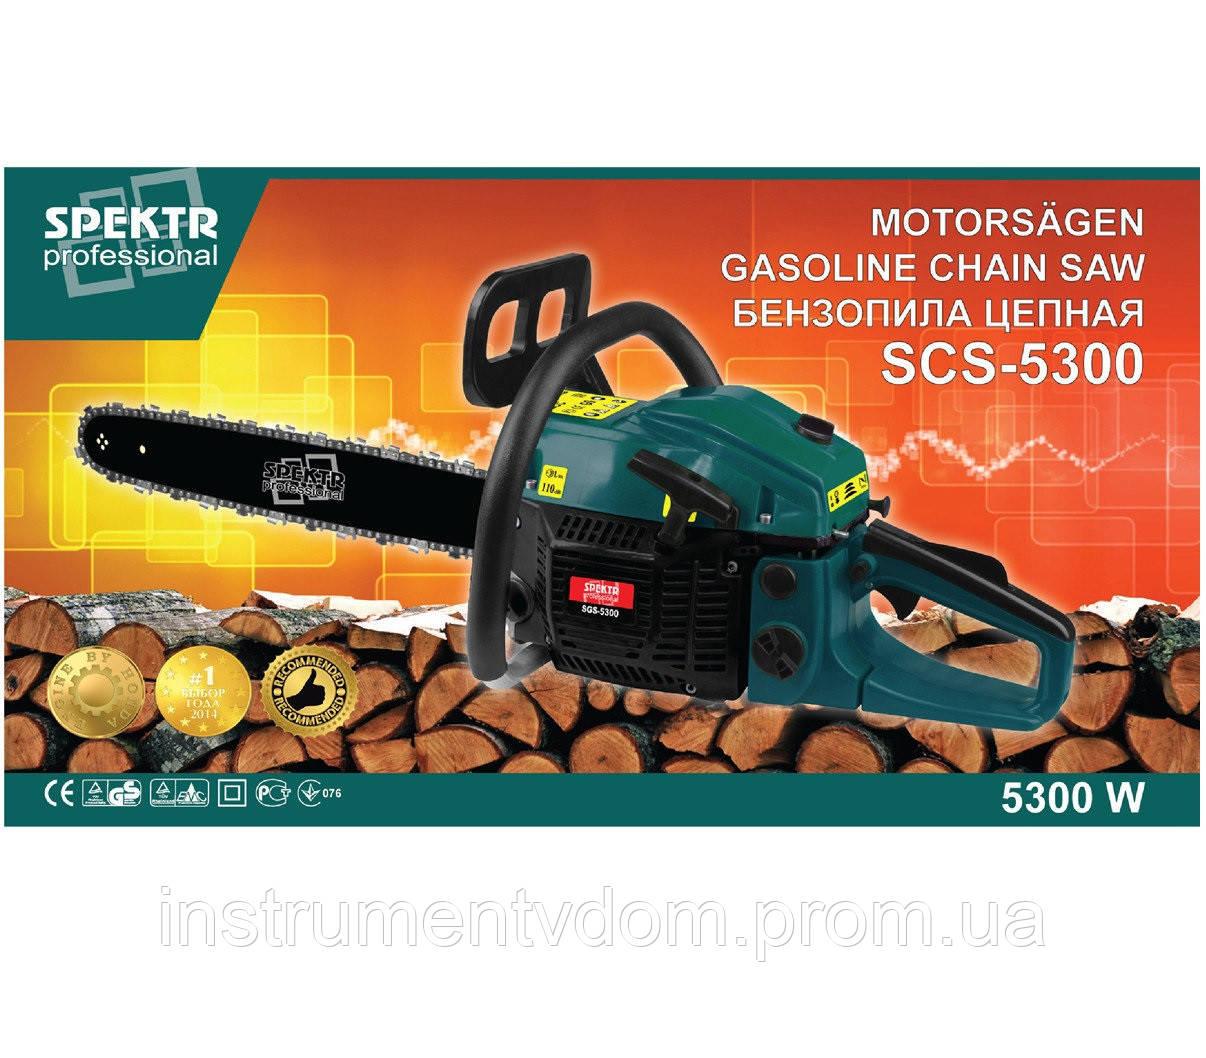 Бензопила Spektr 45-5300 (1 шина/1 цепь)